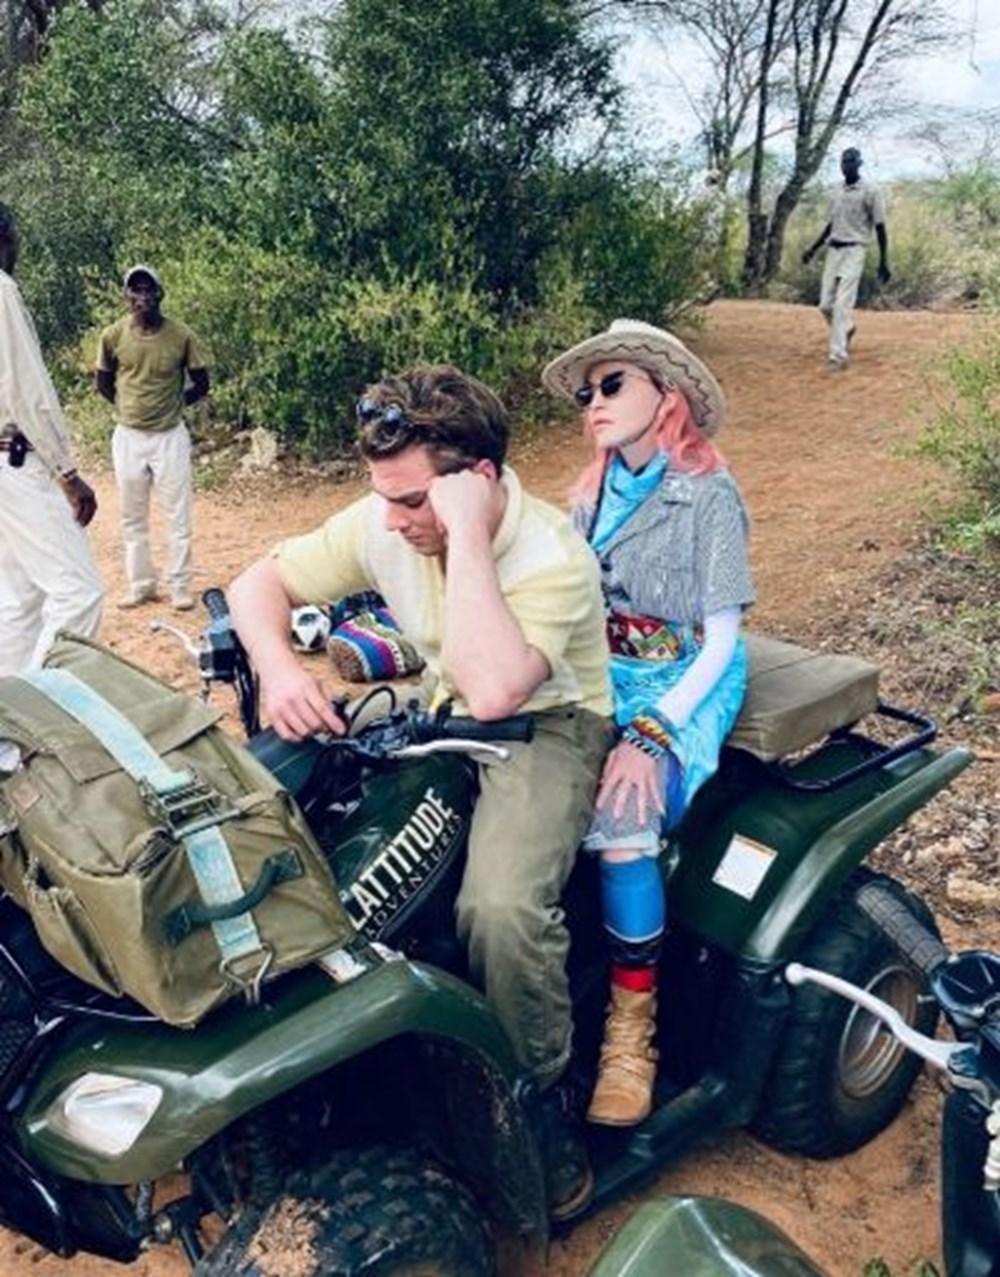 Madonna seyahat kısıtlamasına rağmen 3 haftada 5 ülke gezdi - 2